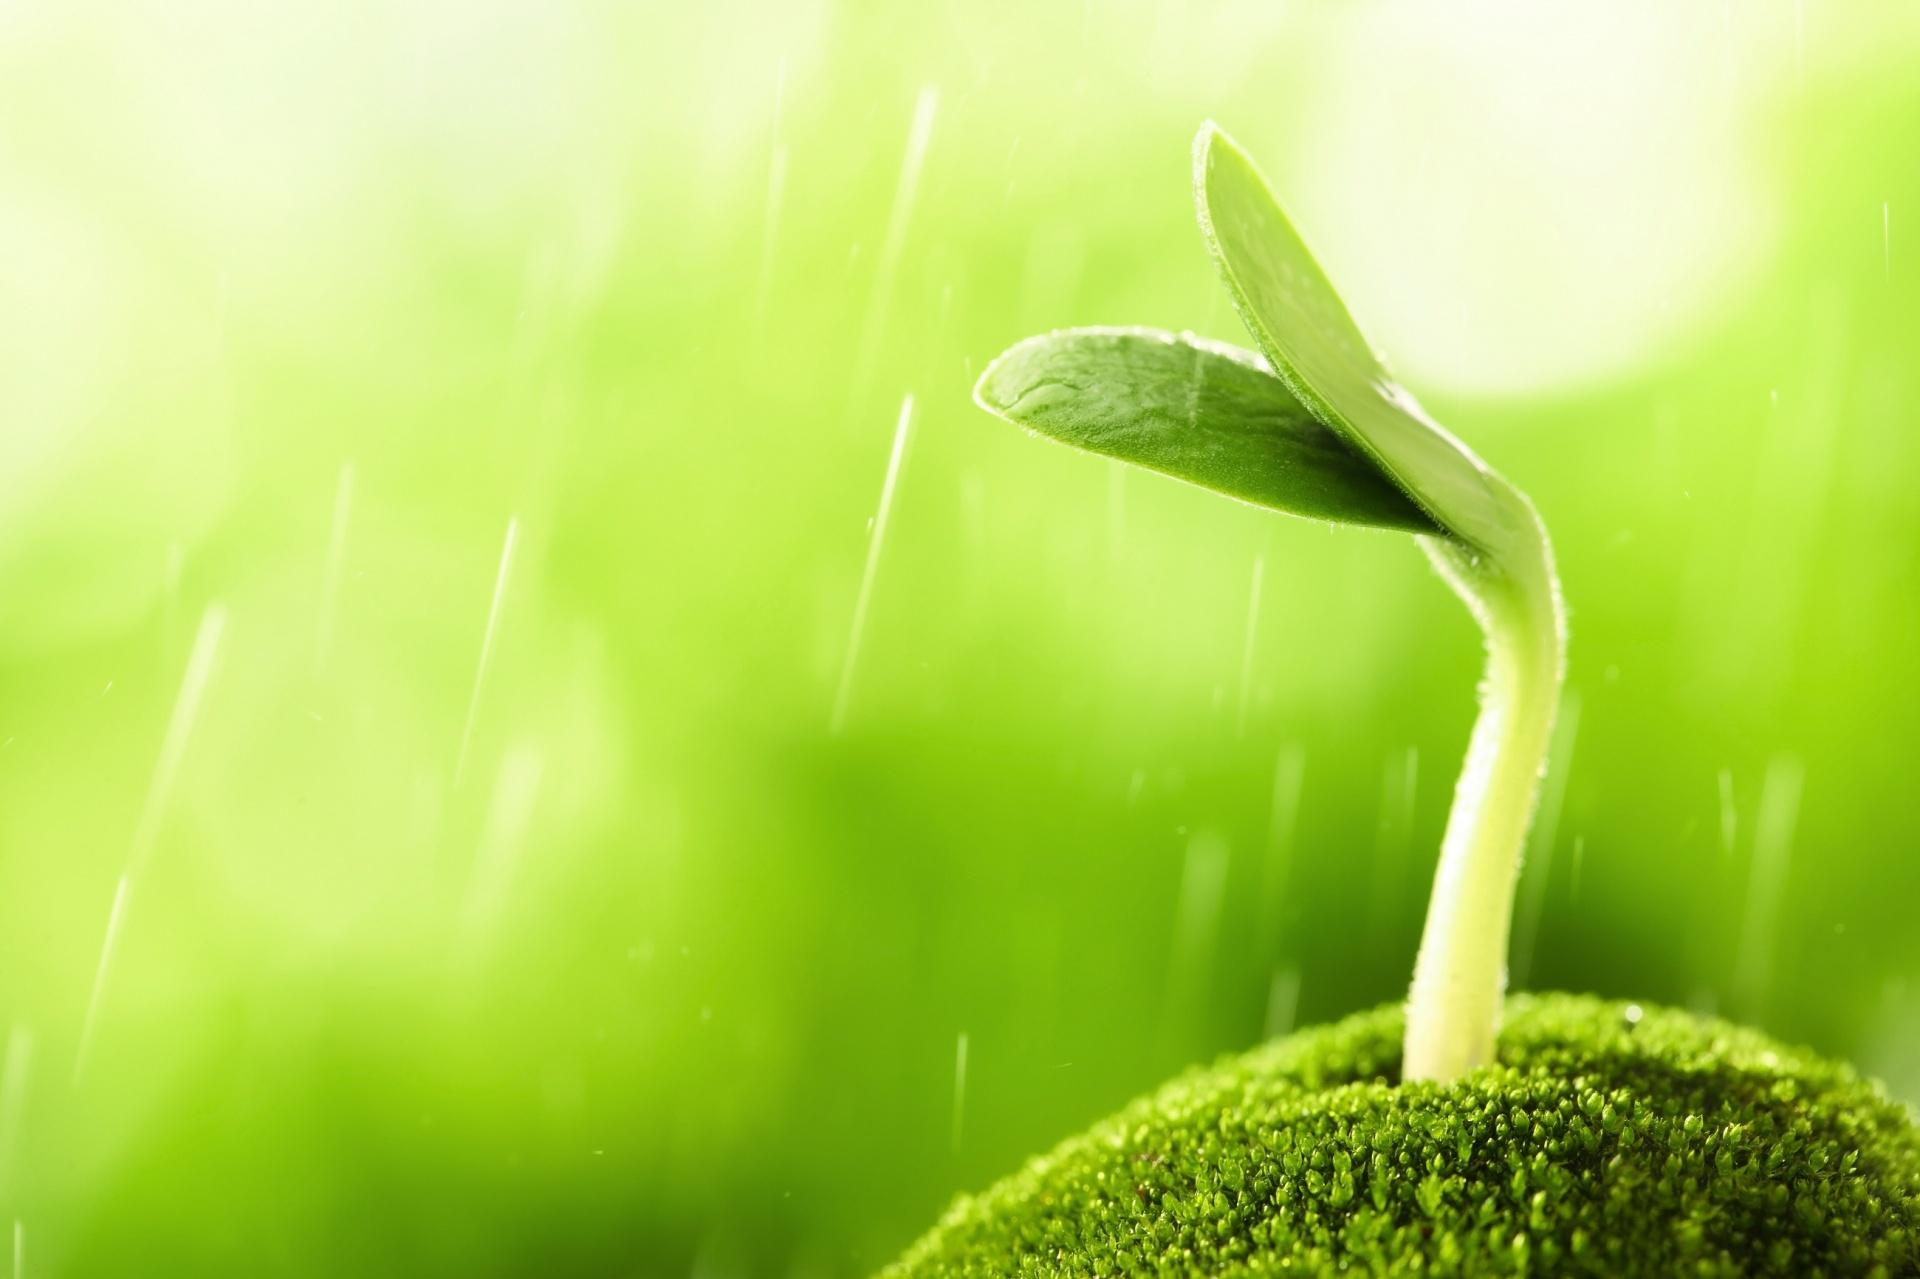 Hình nền đầy sức sống với những mầm xanh non vươn mình